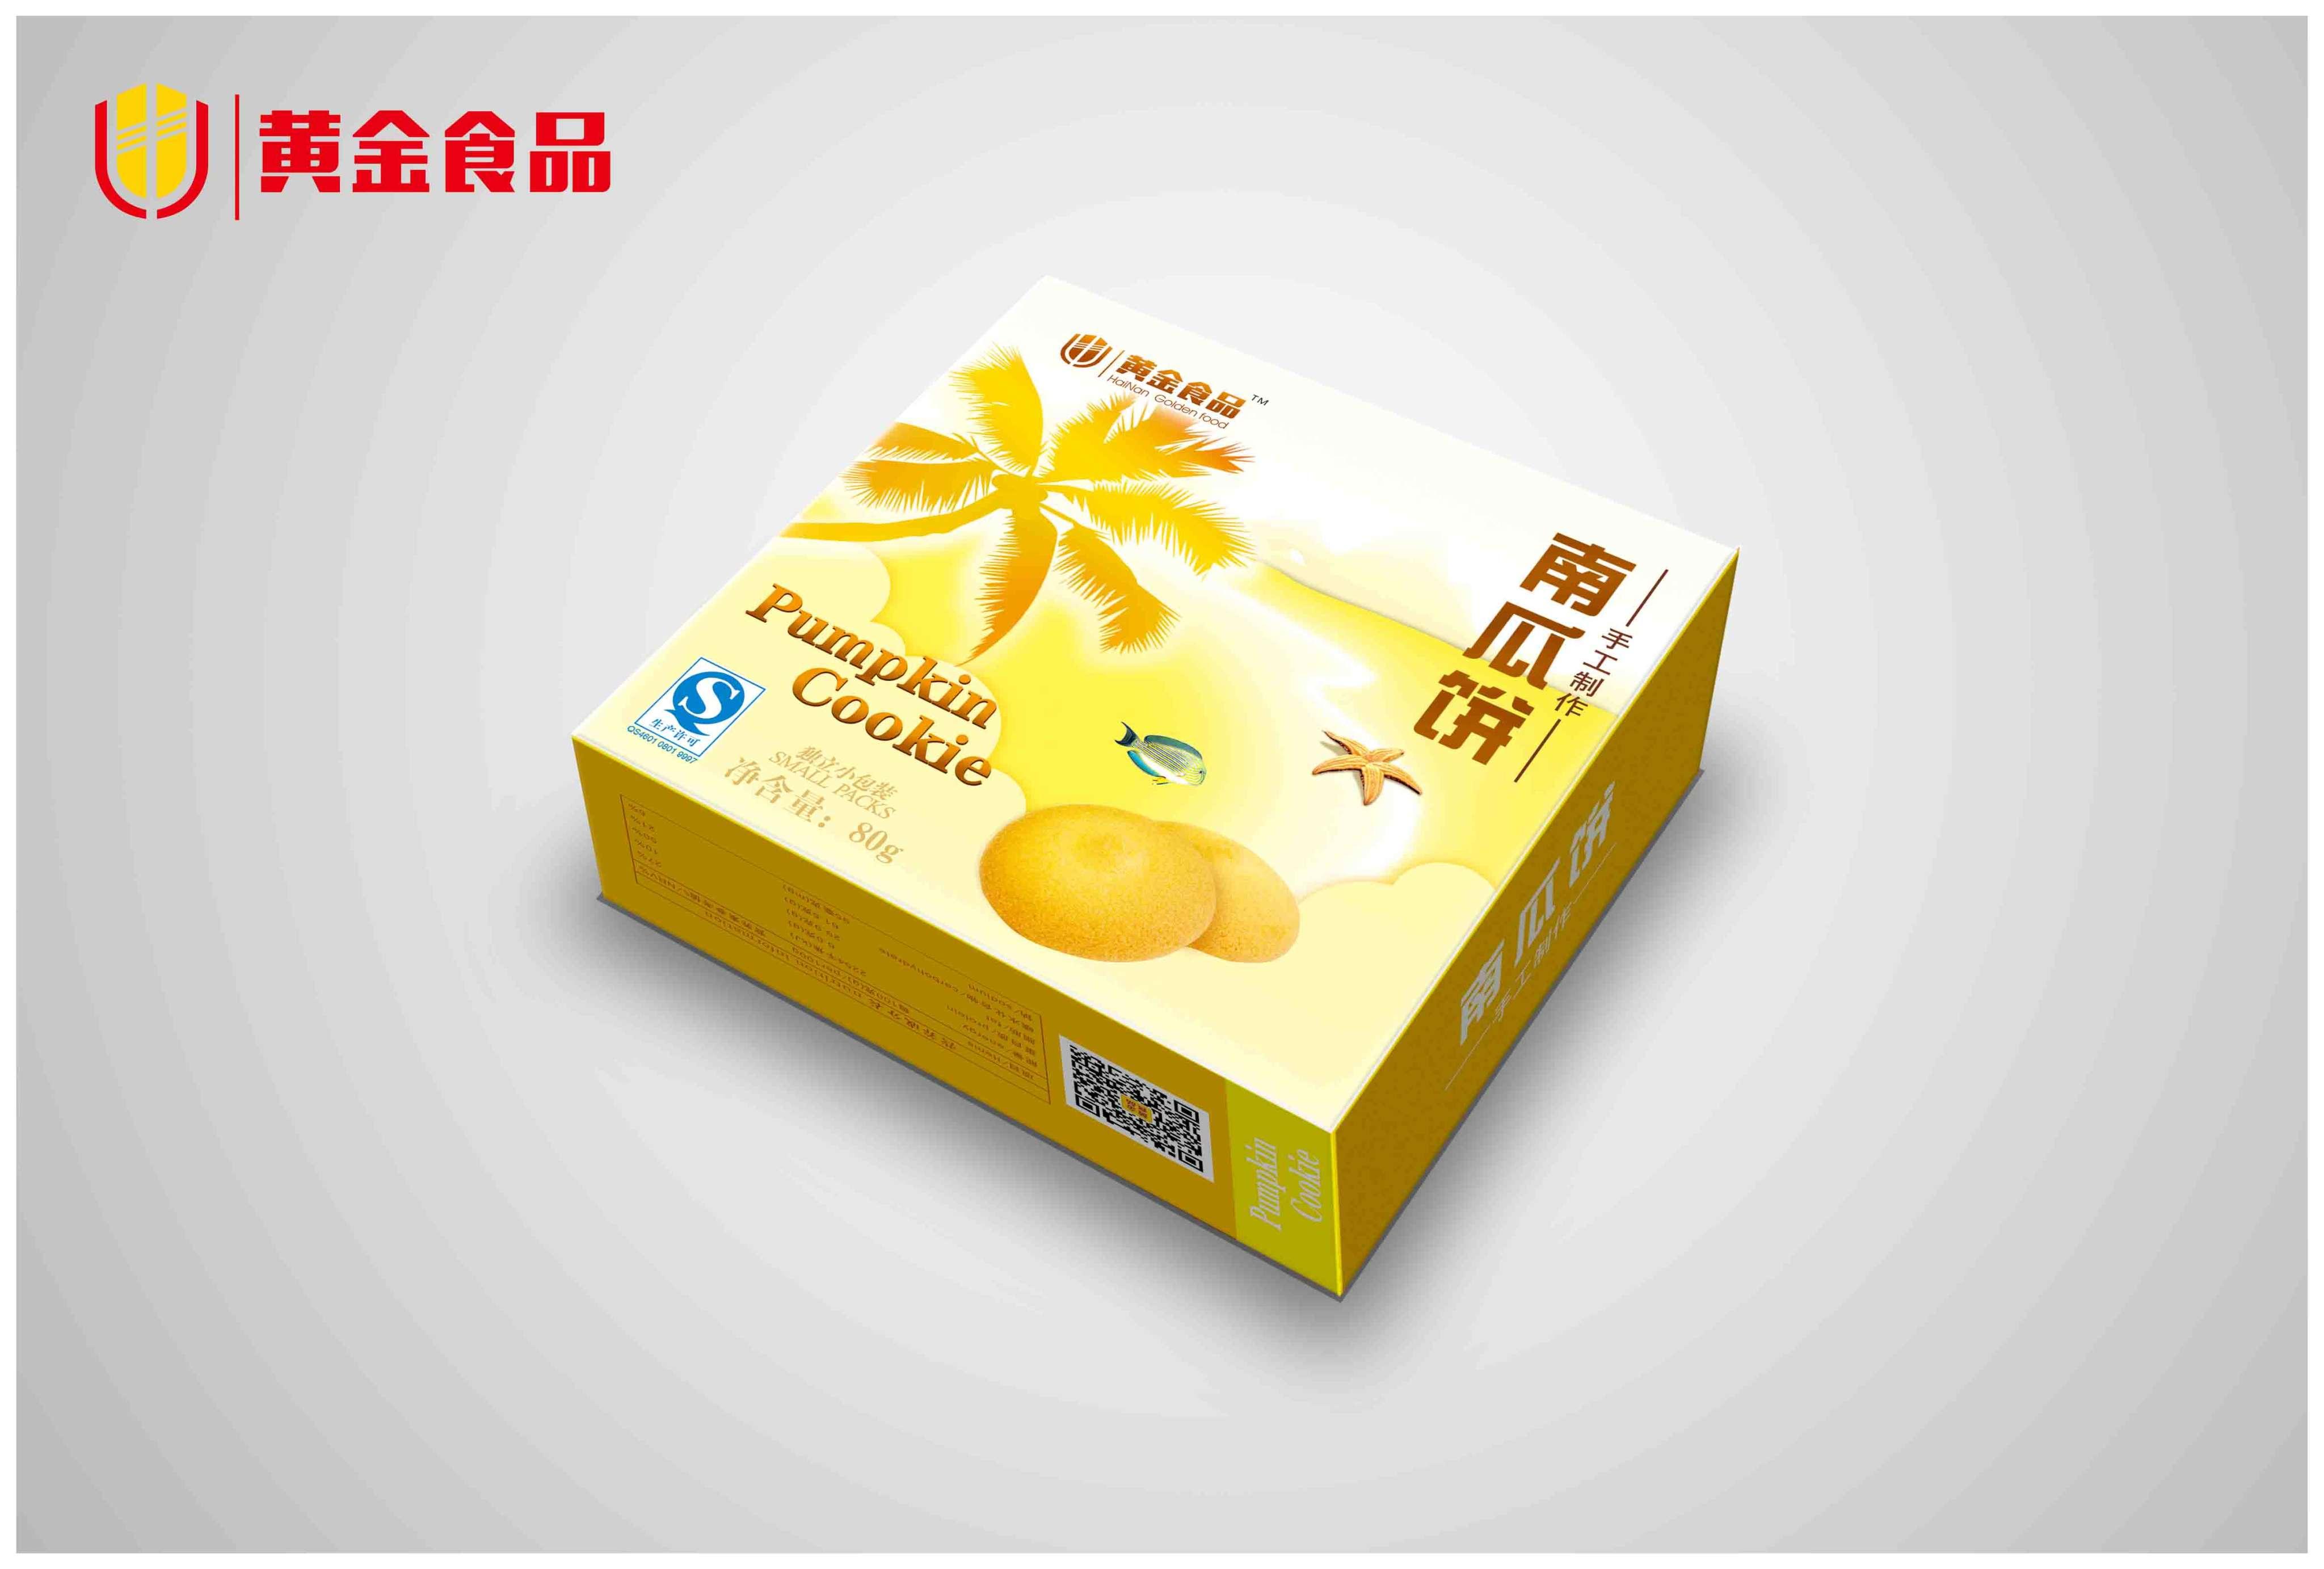 包装 包装设计 设计 4096_2765